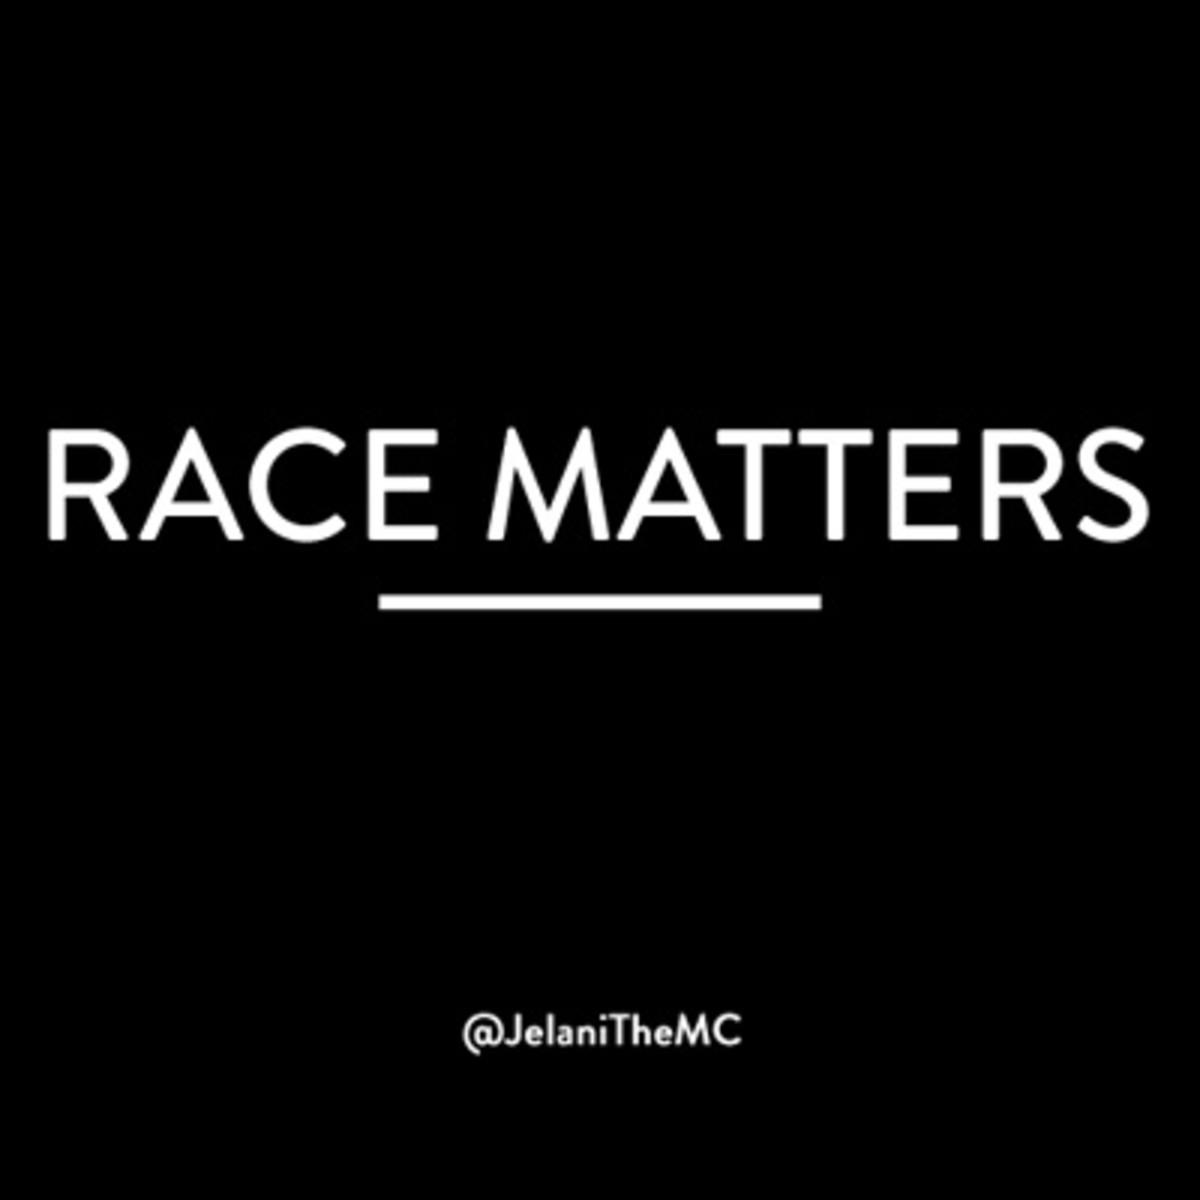 jelani-racematters.jpg